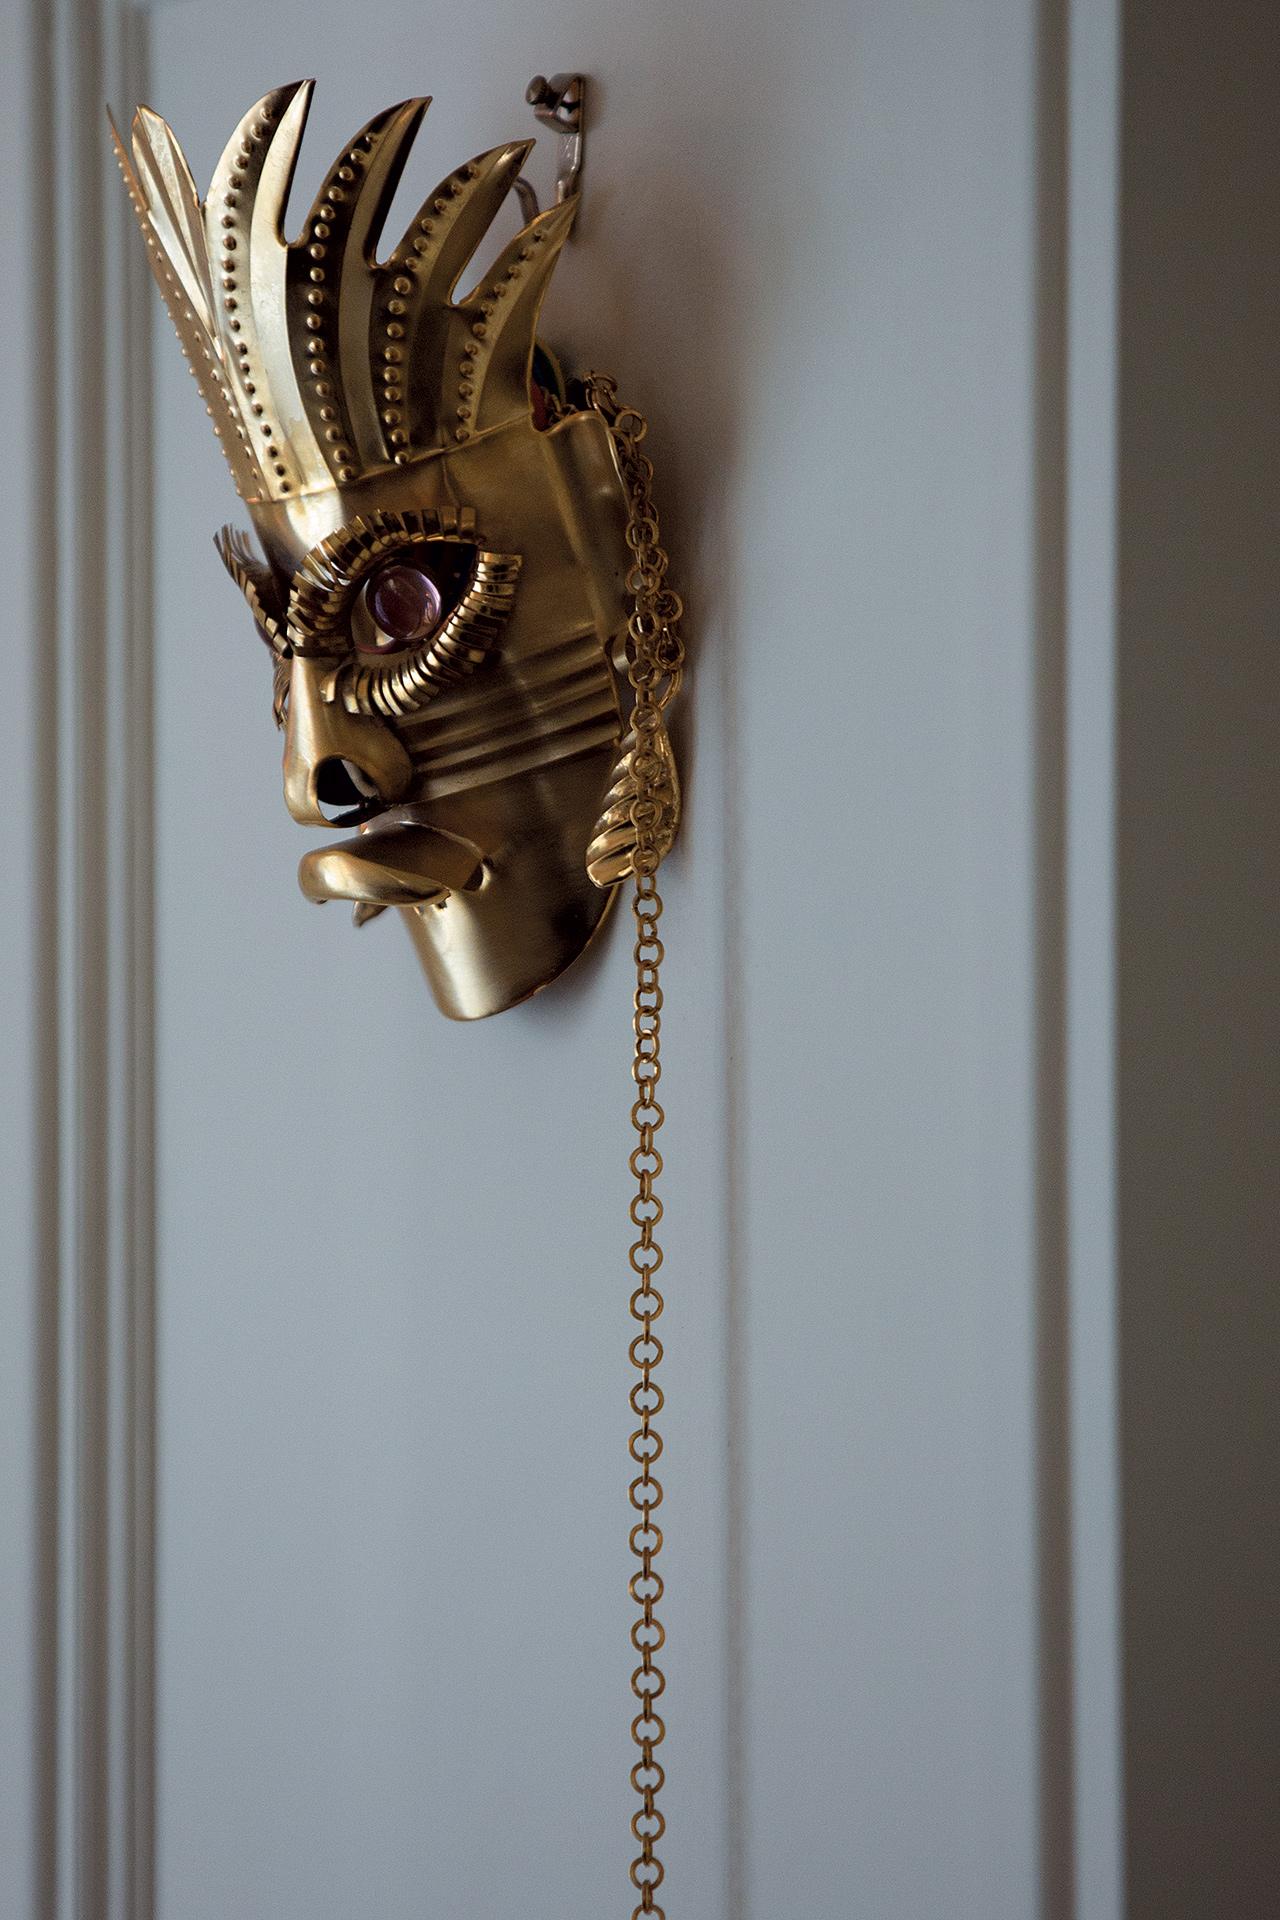 영화 <아이즈 와이드 셧>에서 영감을 받아 만든 마스크